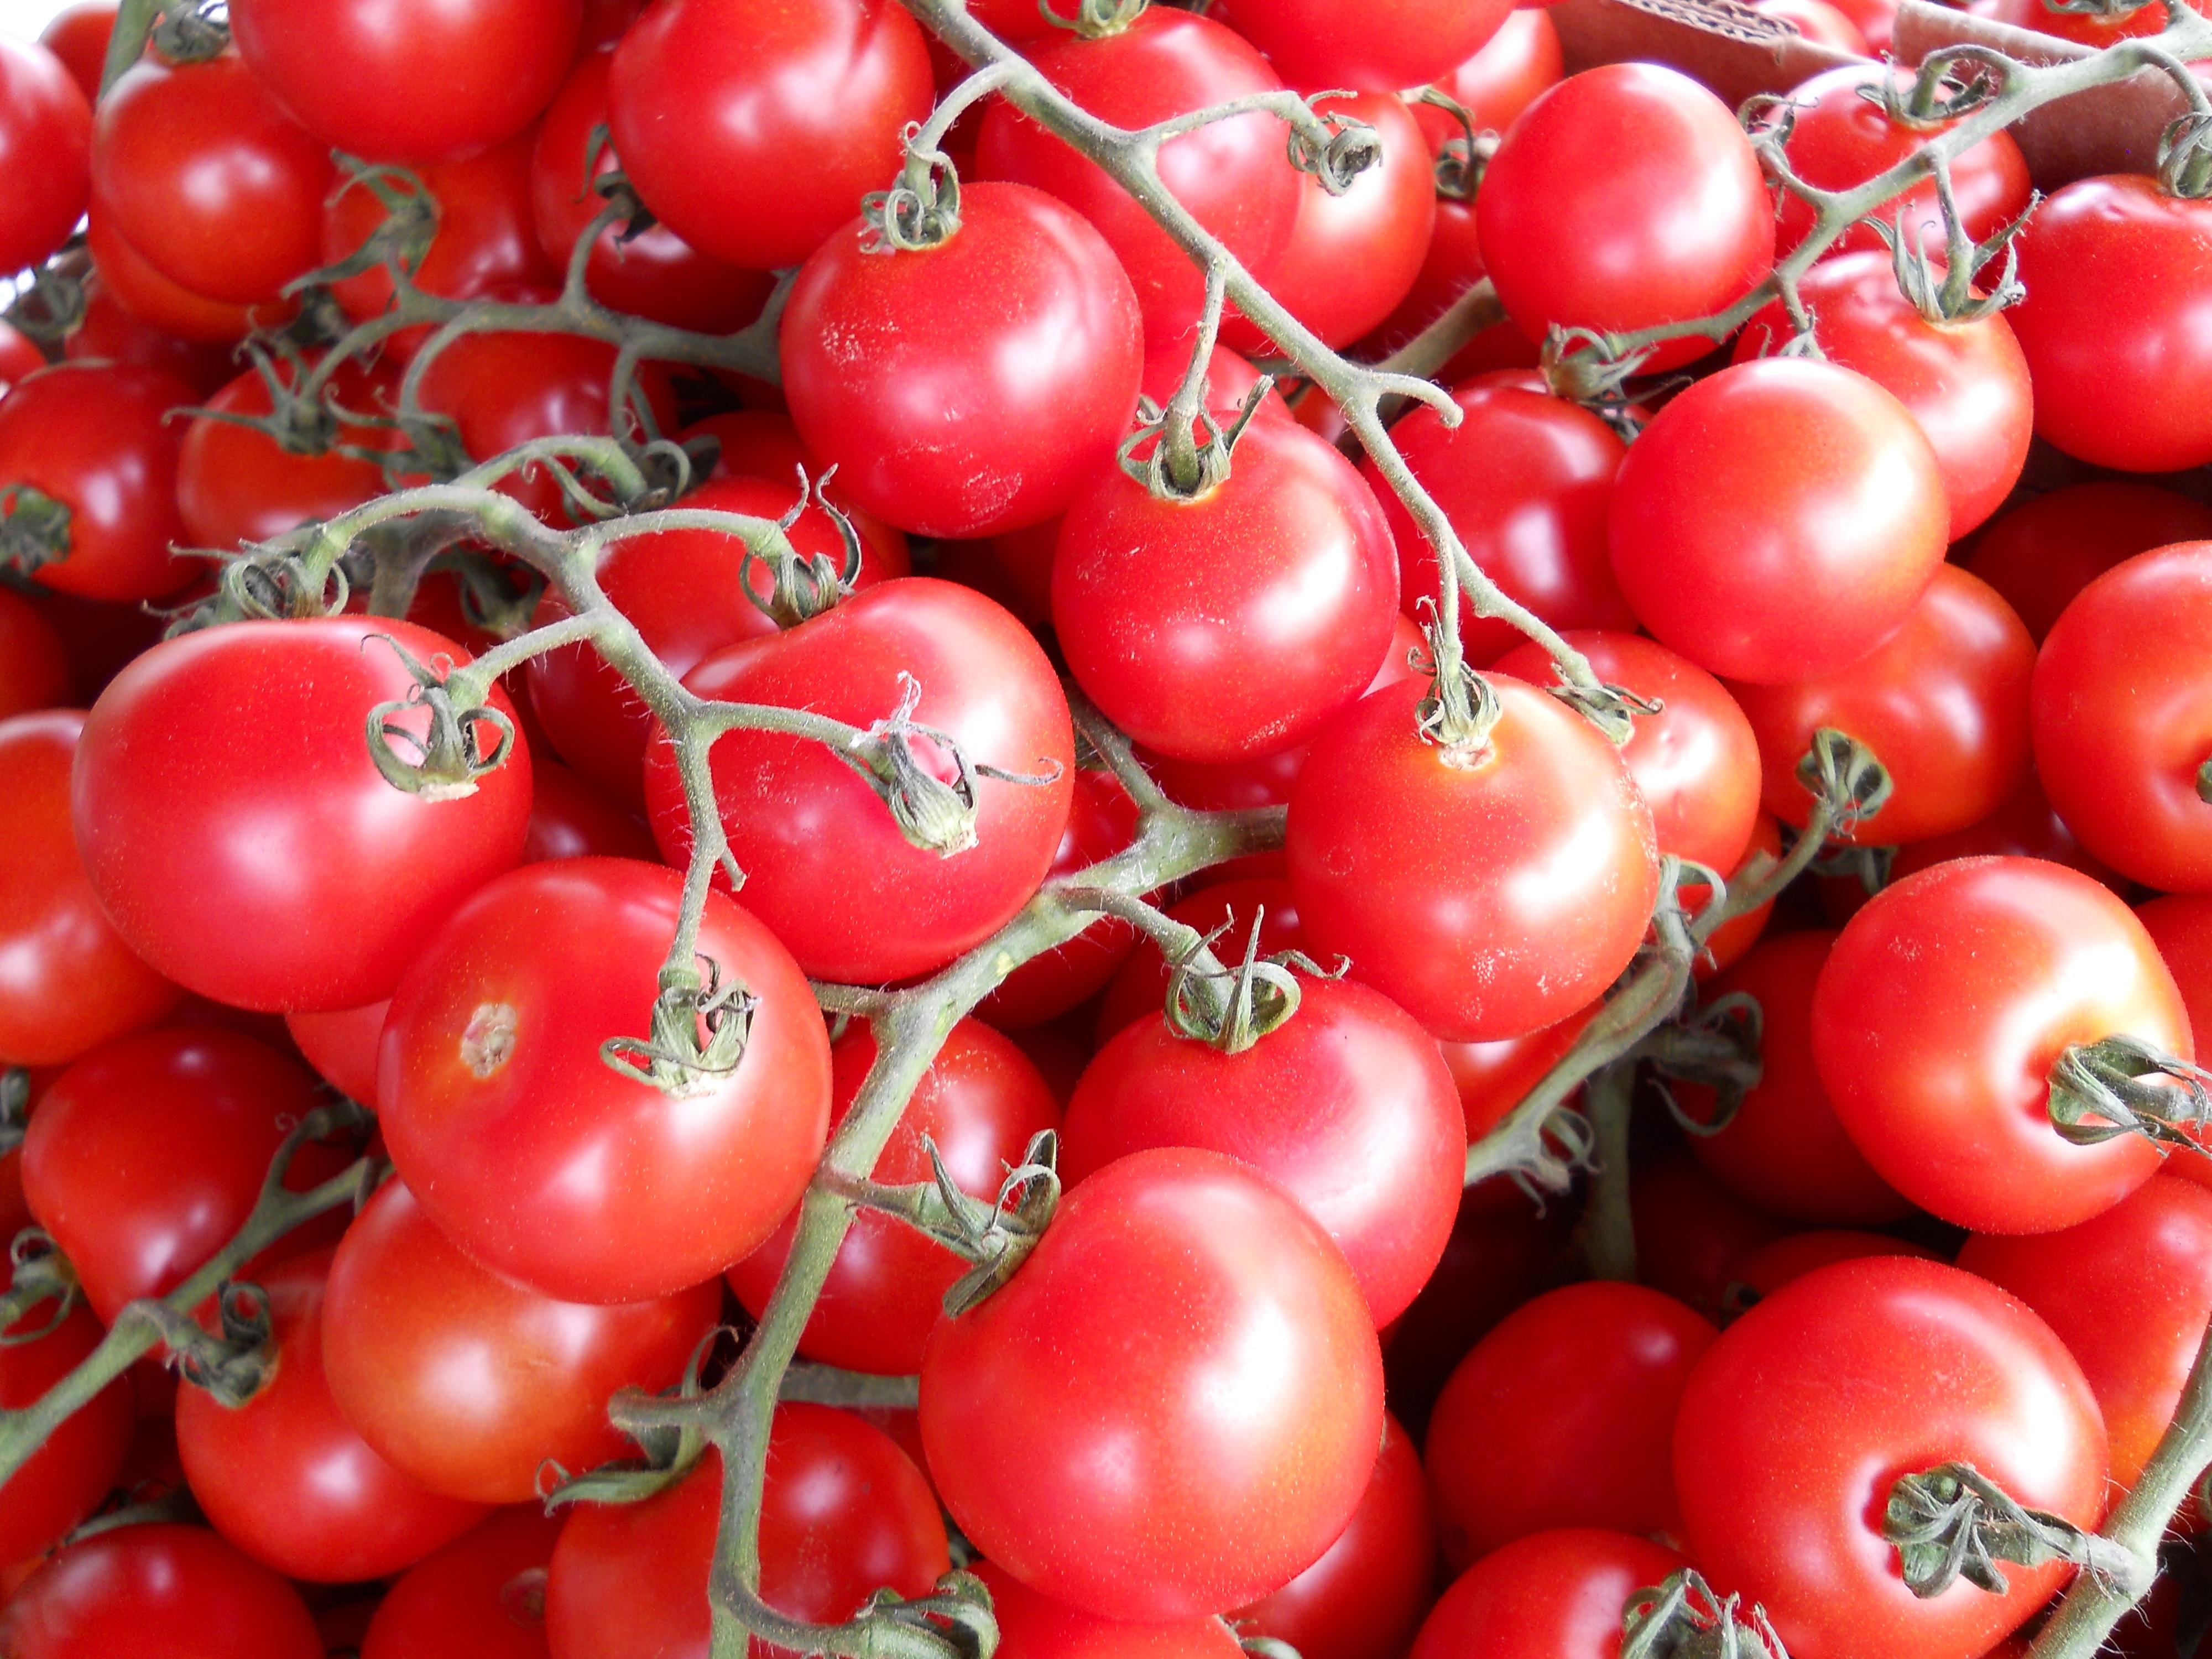 109555 Заставки и Обои Овощи на телефон. Скачать Еда, Овощи, Ветка, Томаты картинки бесплатно